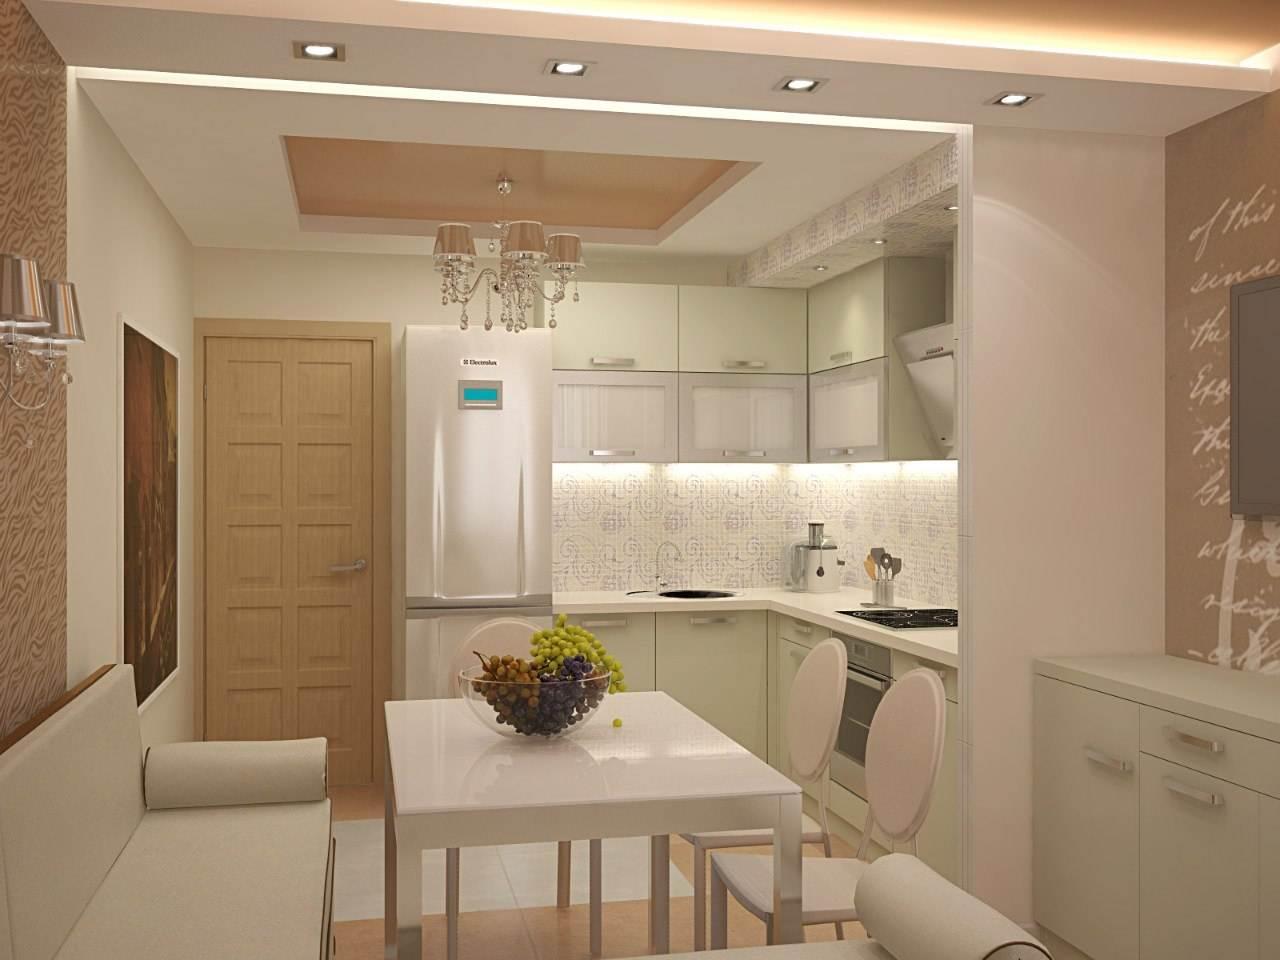 Дизайн студия кухни бутово дизайн кухни - фото, описание, со.